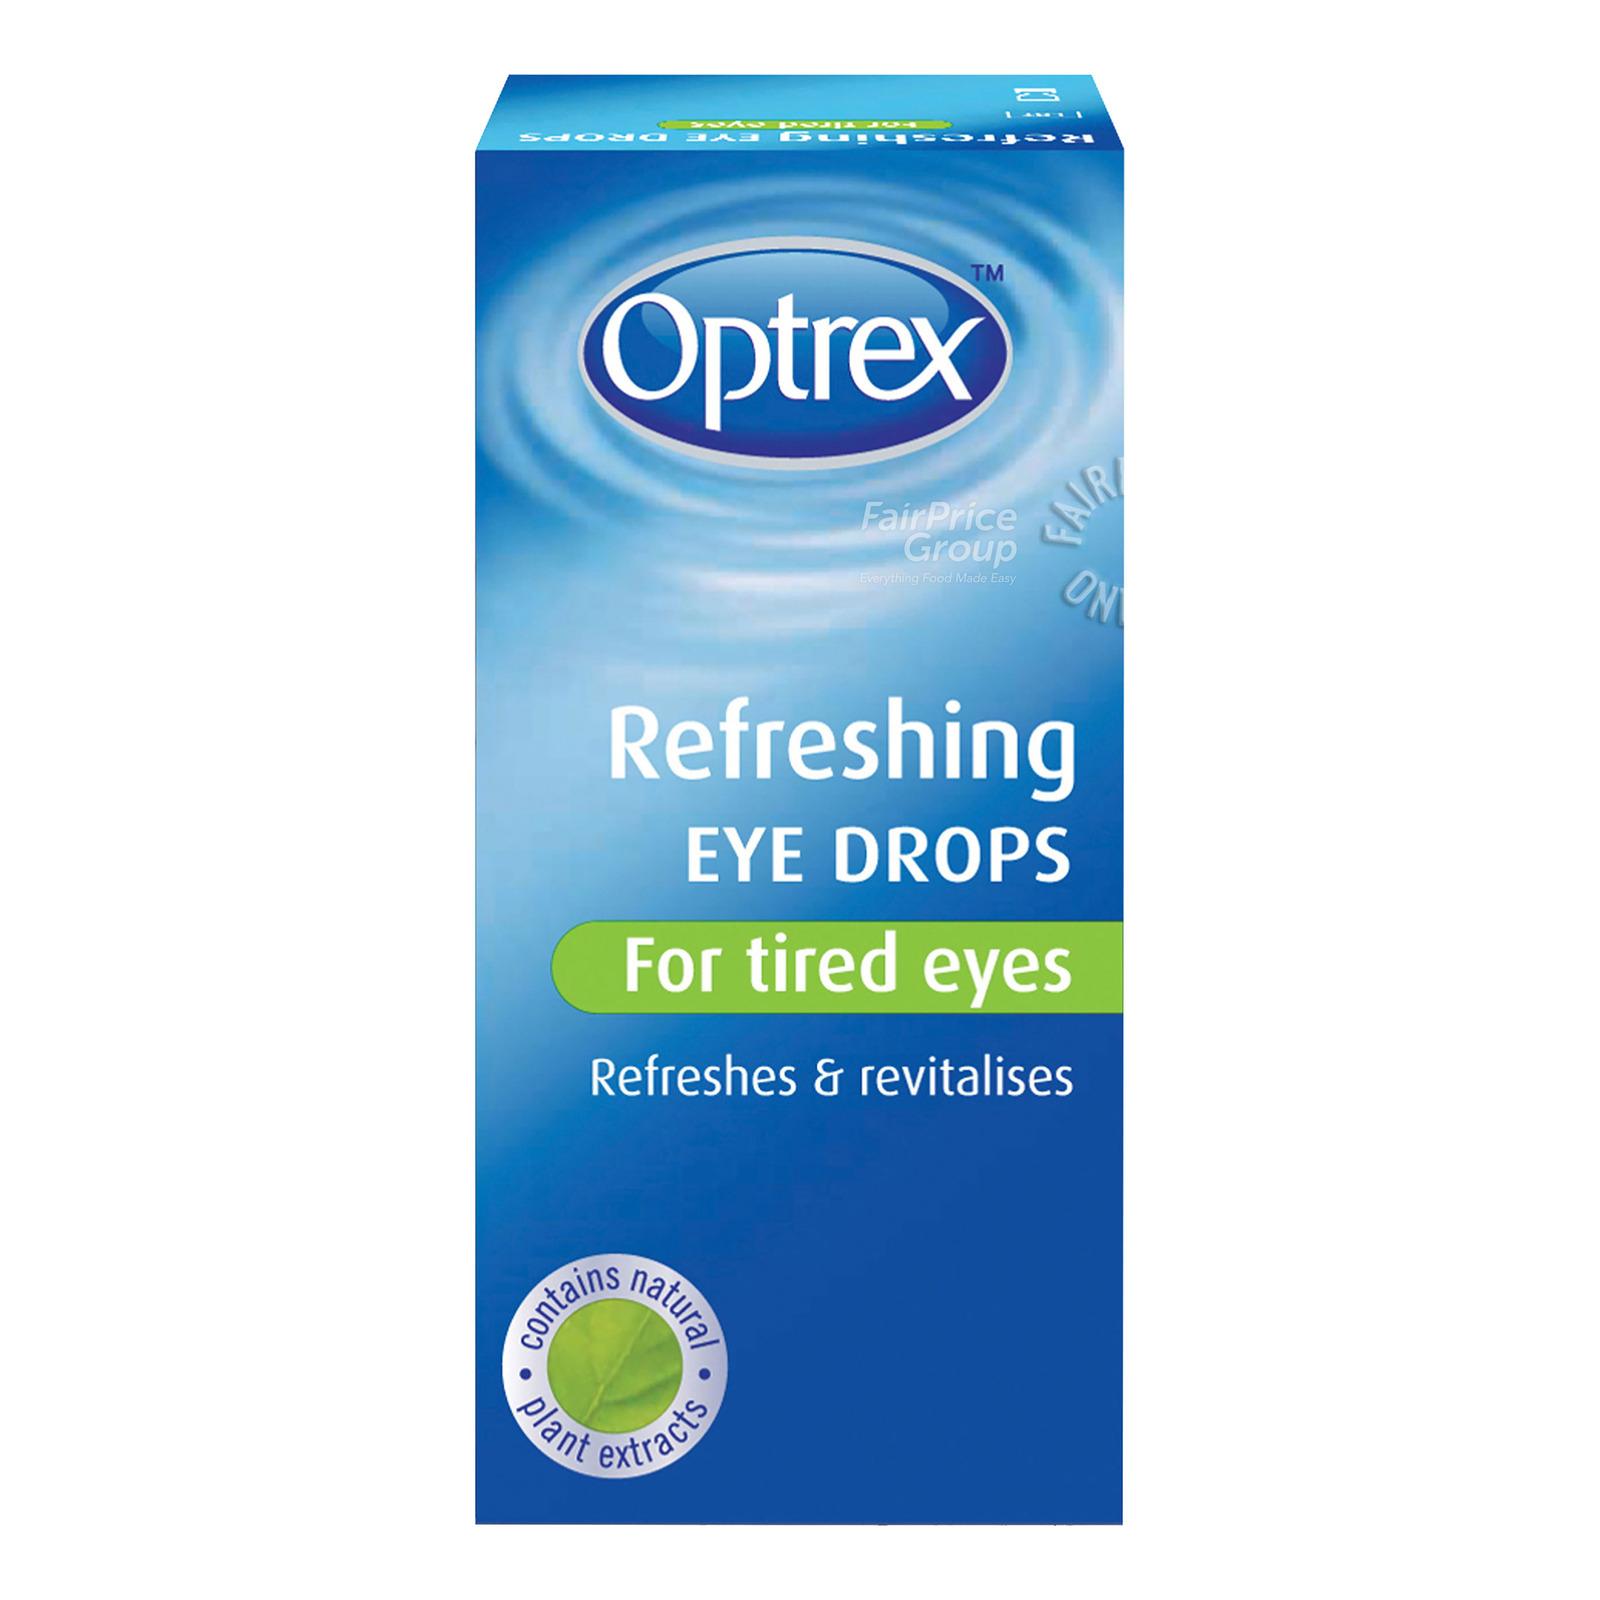 Optrex Eye Drop - Refreshing